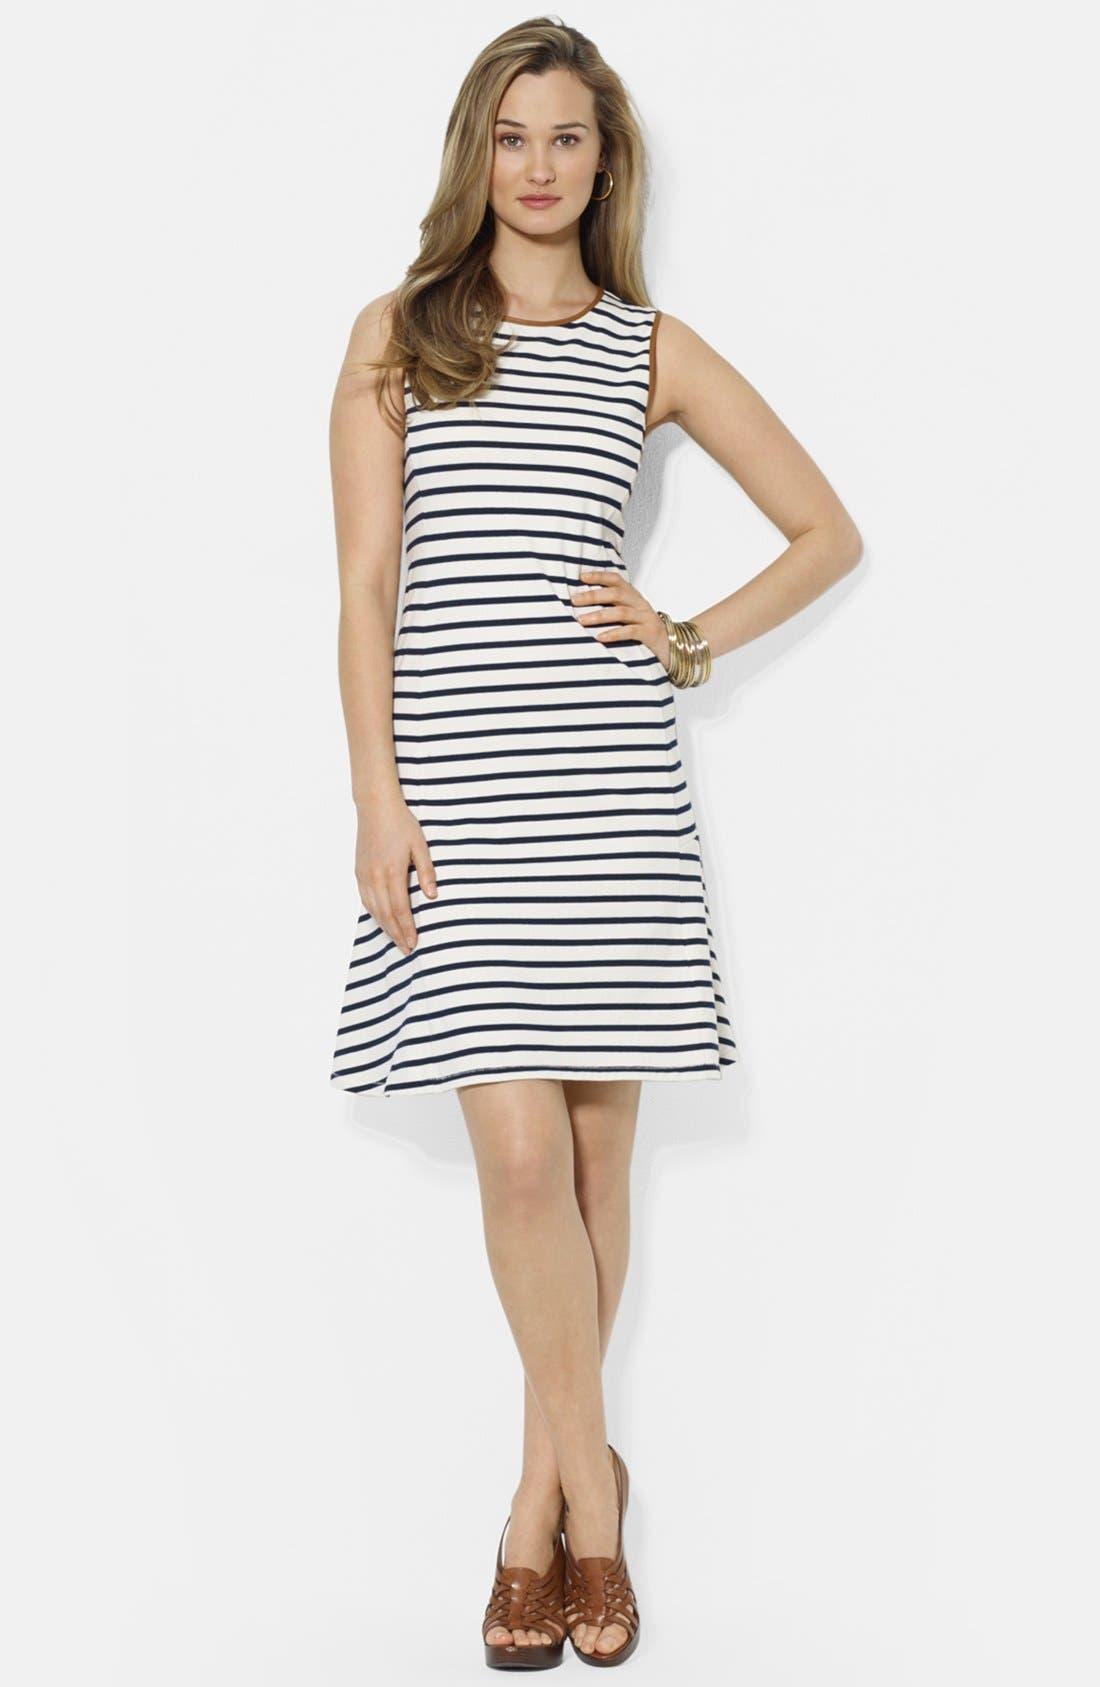 Alternate Image 1 Selected - Lauren Ralph Lauren Faux Leather Trim Stripe Cotton Dress (Petite)